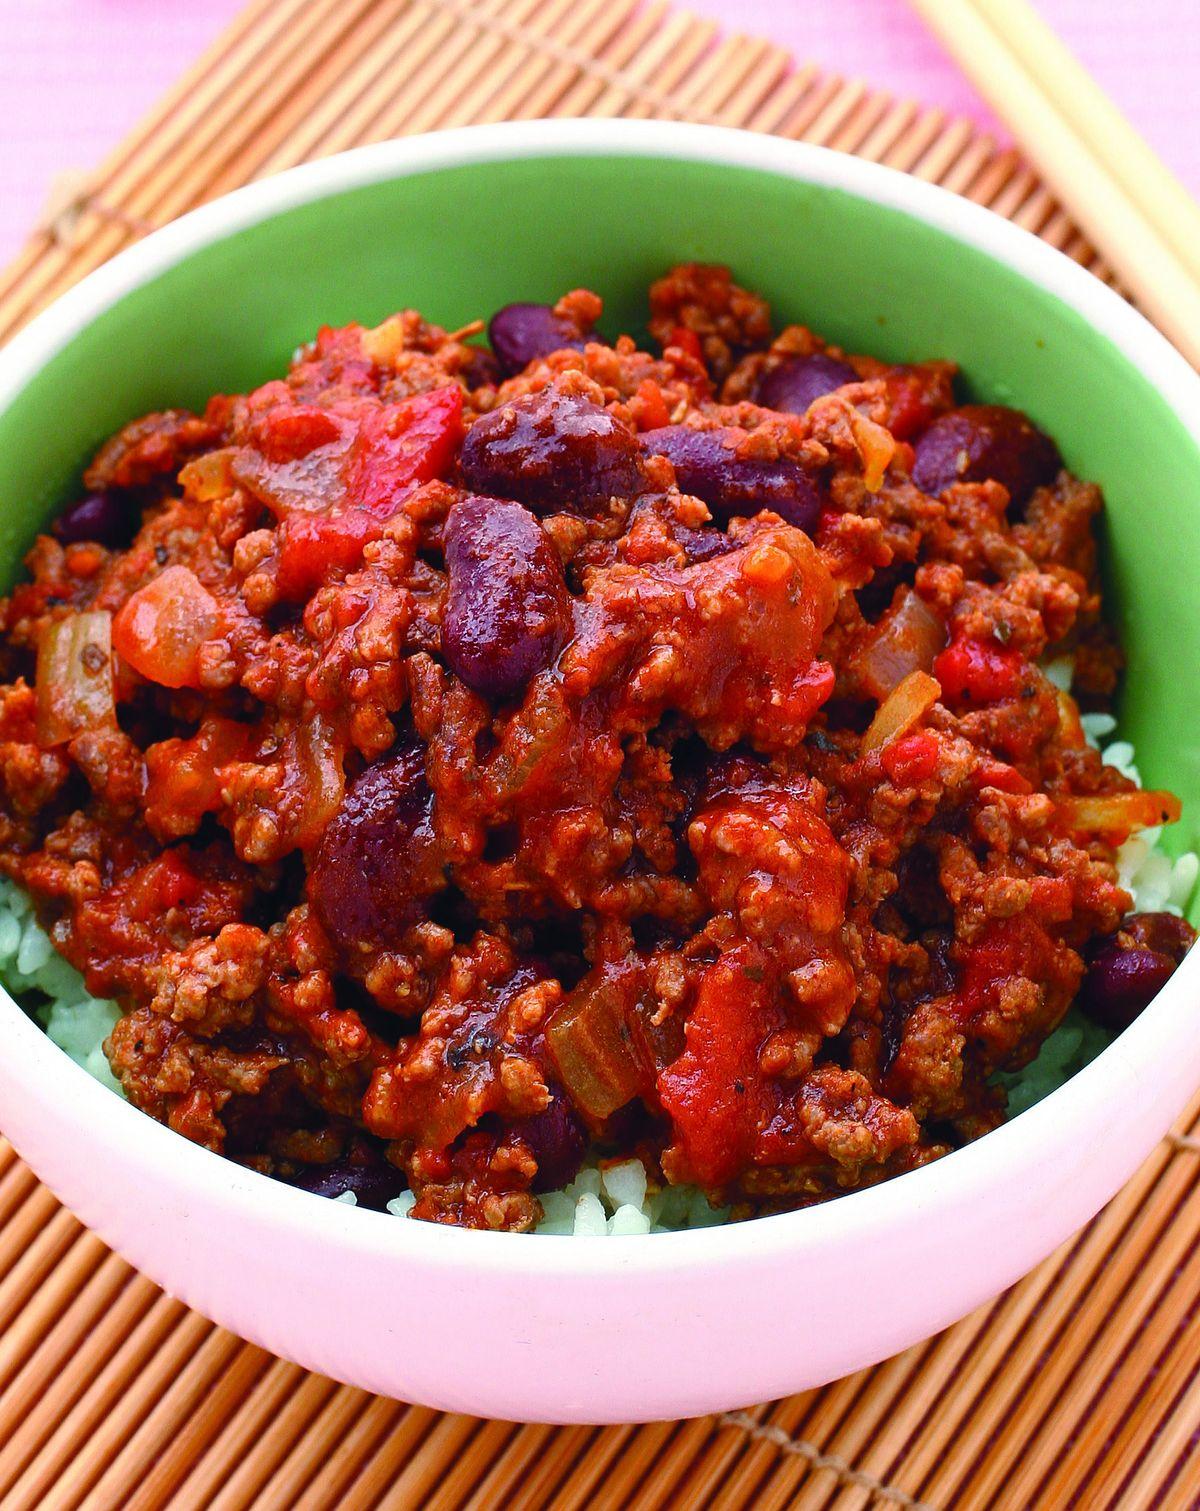 食譜:墨西哥式蕃茄碎牛肉蓋飯